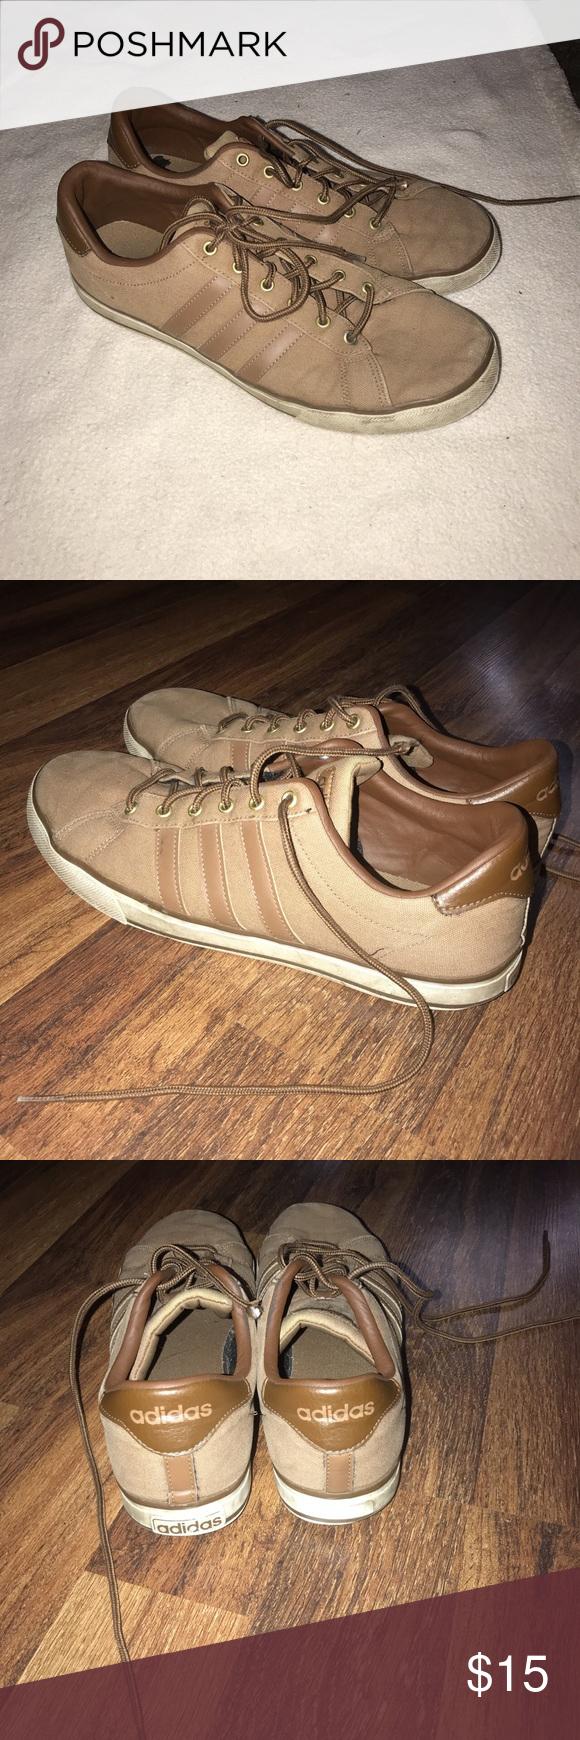 Adidas sneakers   Sneakers, Adidas sneakers, Shoes sneakers adidas